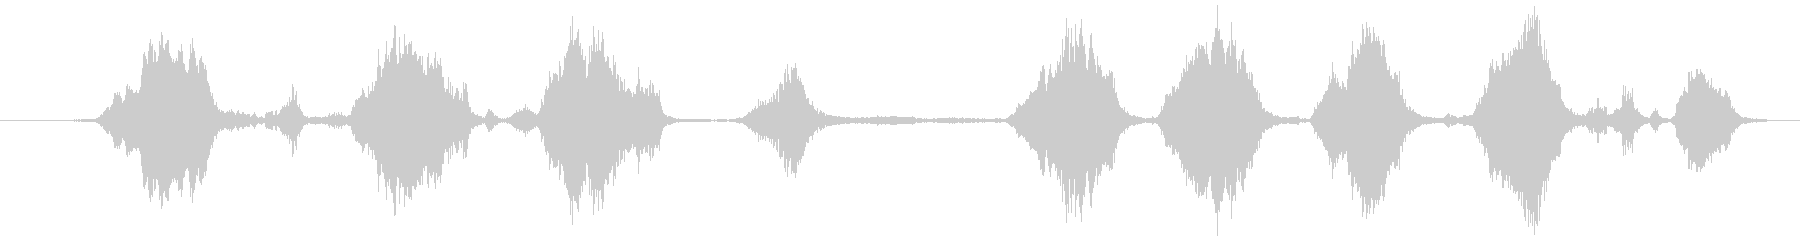 オカメインコの小グループ:絶え間な...の未再生の波形